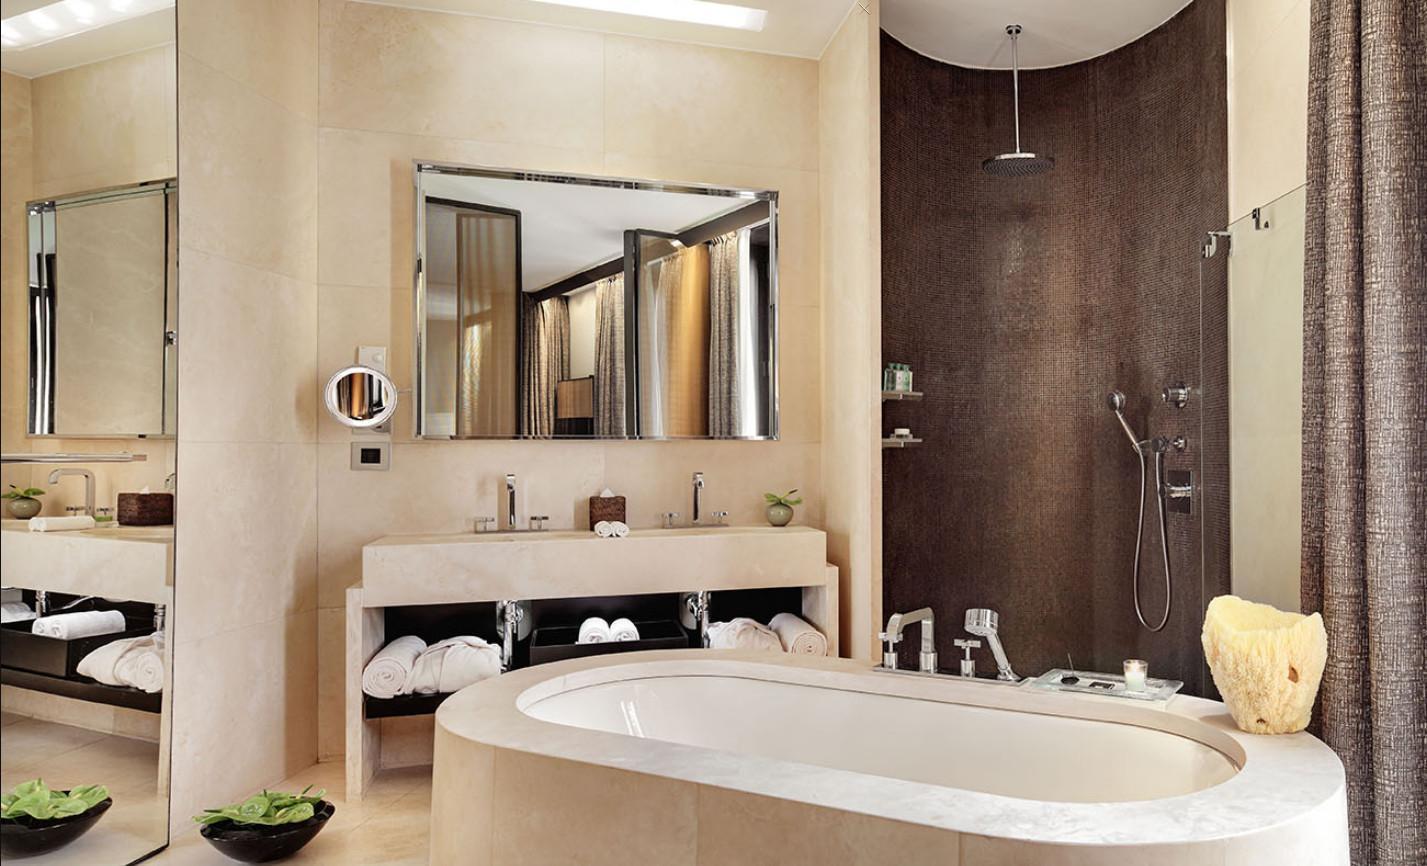 Bulgari Hotel Milano – Milan 2